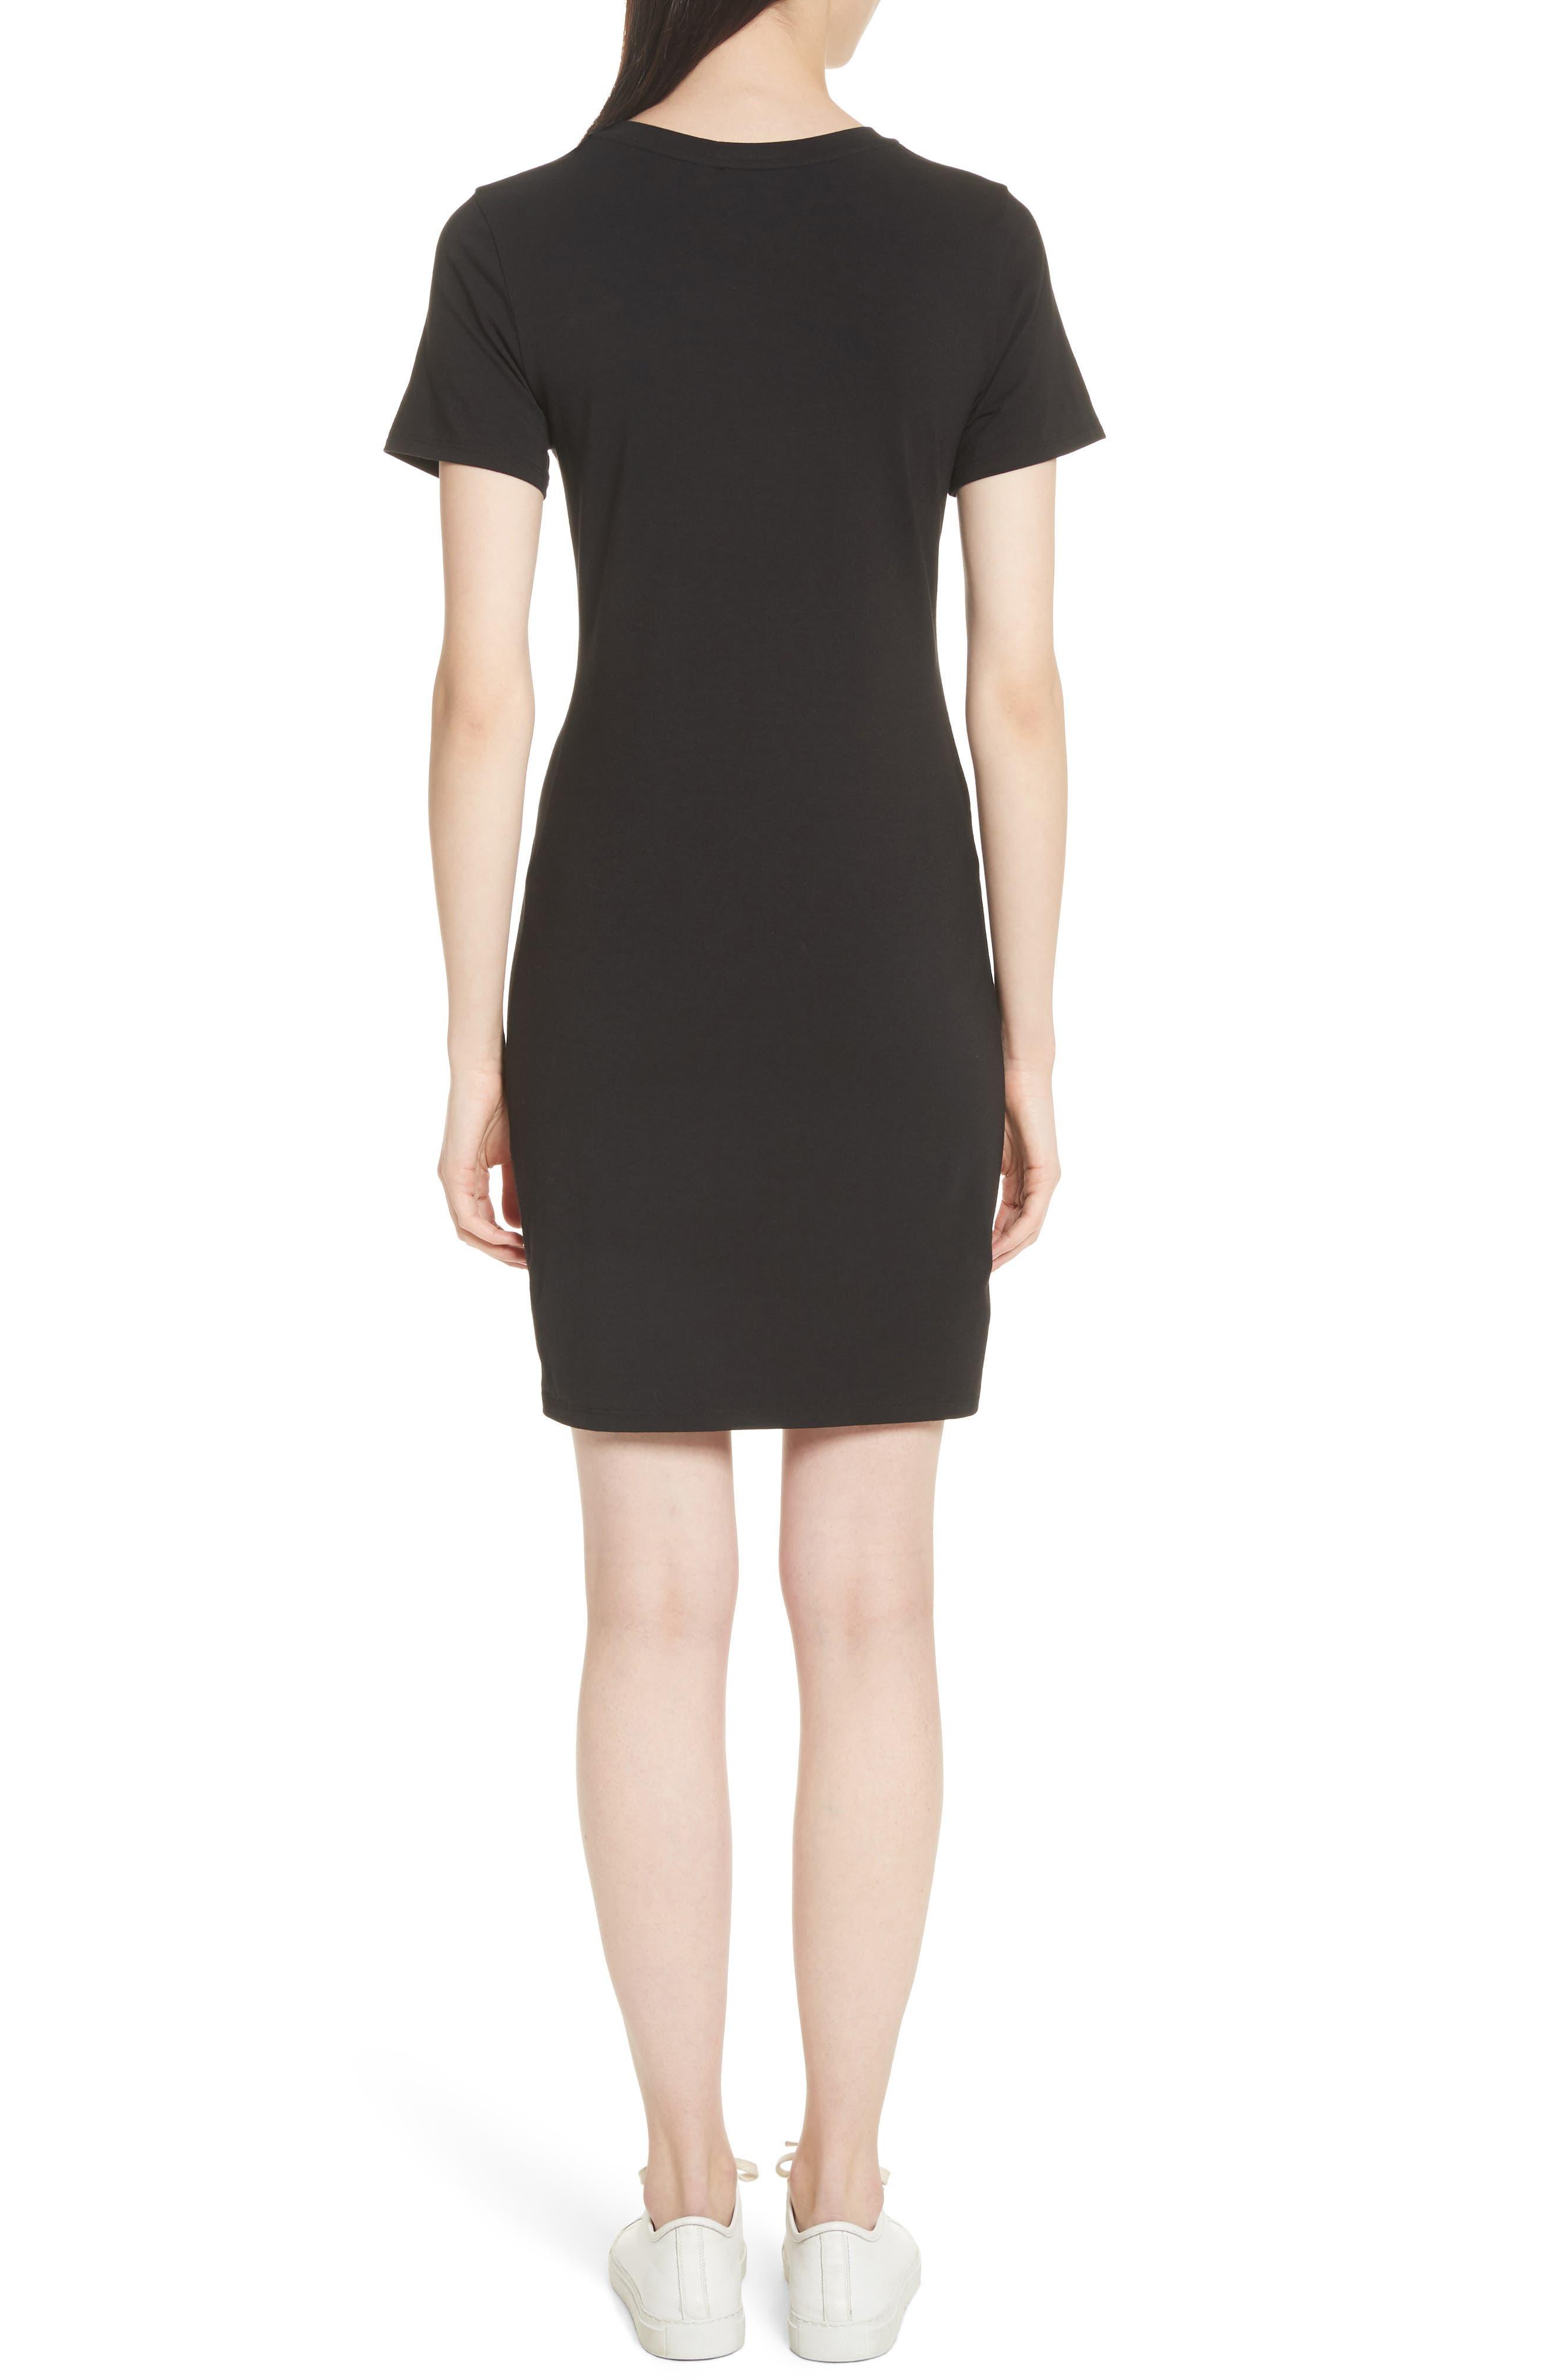 Rubri Knotted T-Shirt Dress,                             Alternate thumbnail 2, color,                             BLACK MULTI